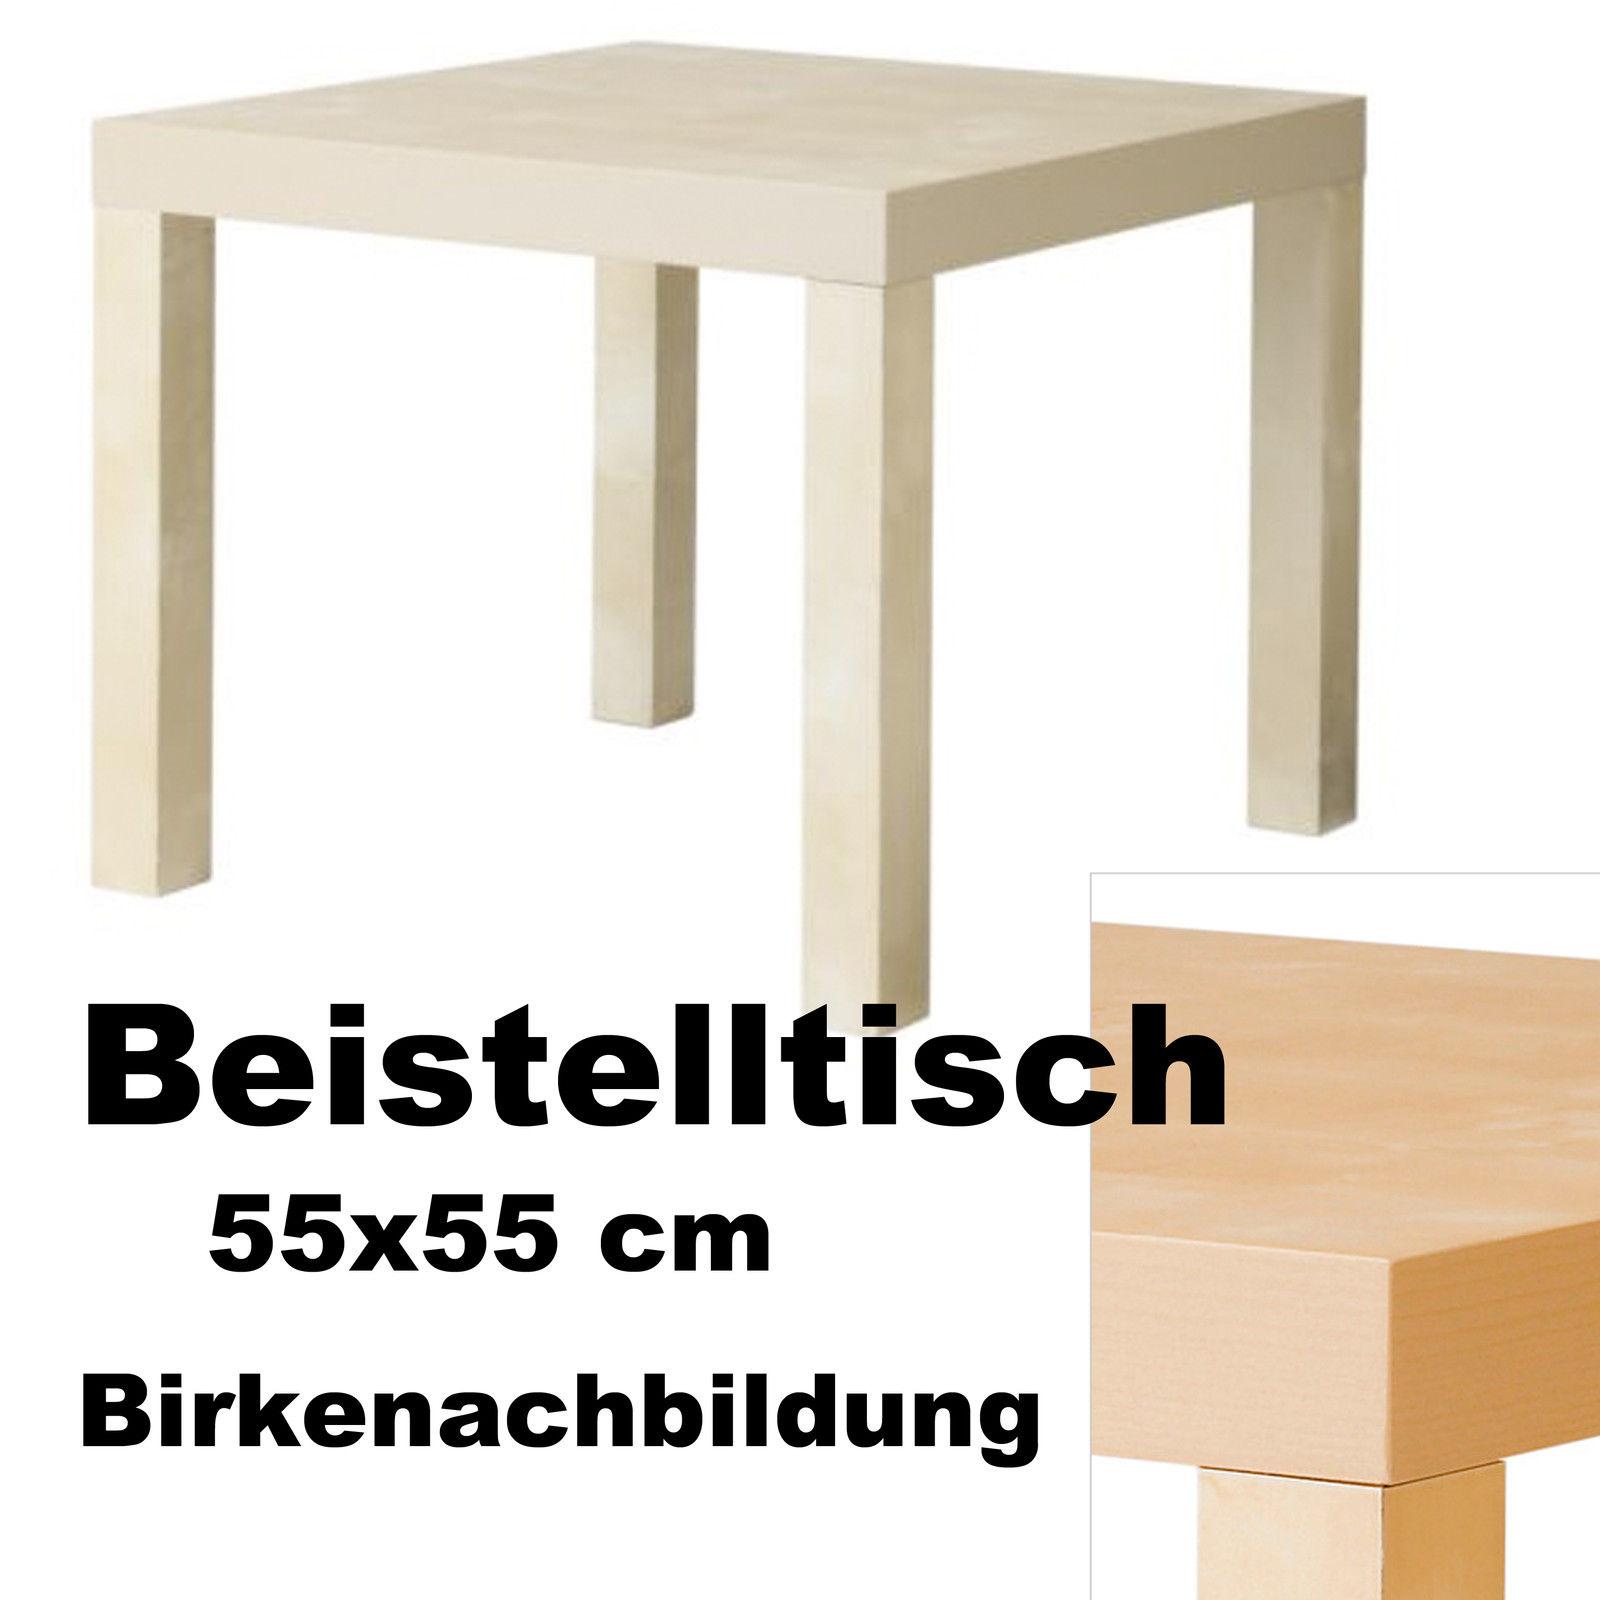 ikea couchtisch beistelltisch tisch abstelltisch deko. Black Bedroom Furniture Sets. Home Design Ideas